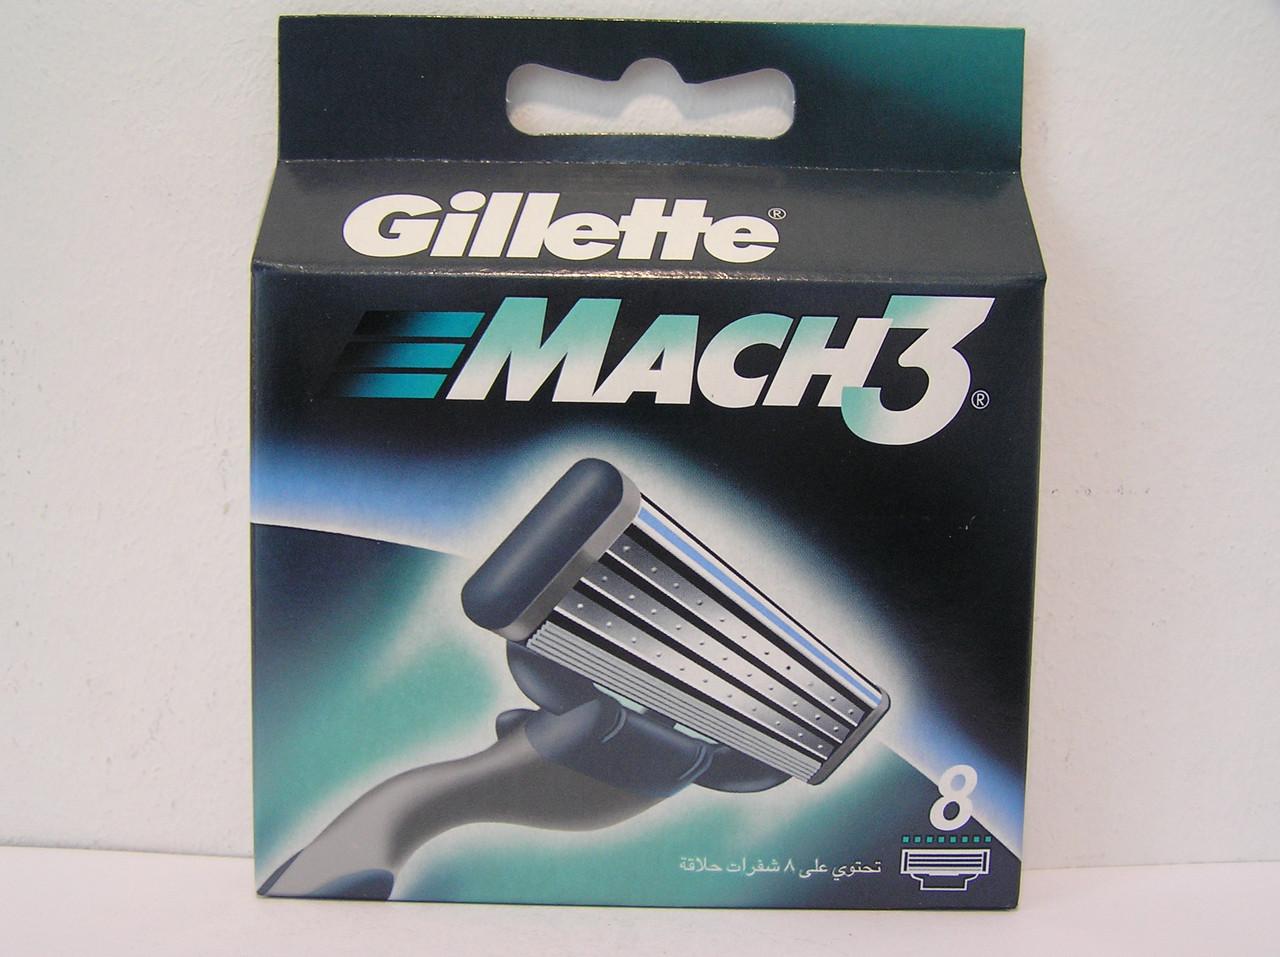 Кассеты мужские для бритья Gillette Mach 3 8 шт. (Жиллетт Мак 3 Арабка Оригинал Производство Германия)